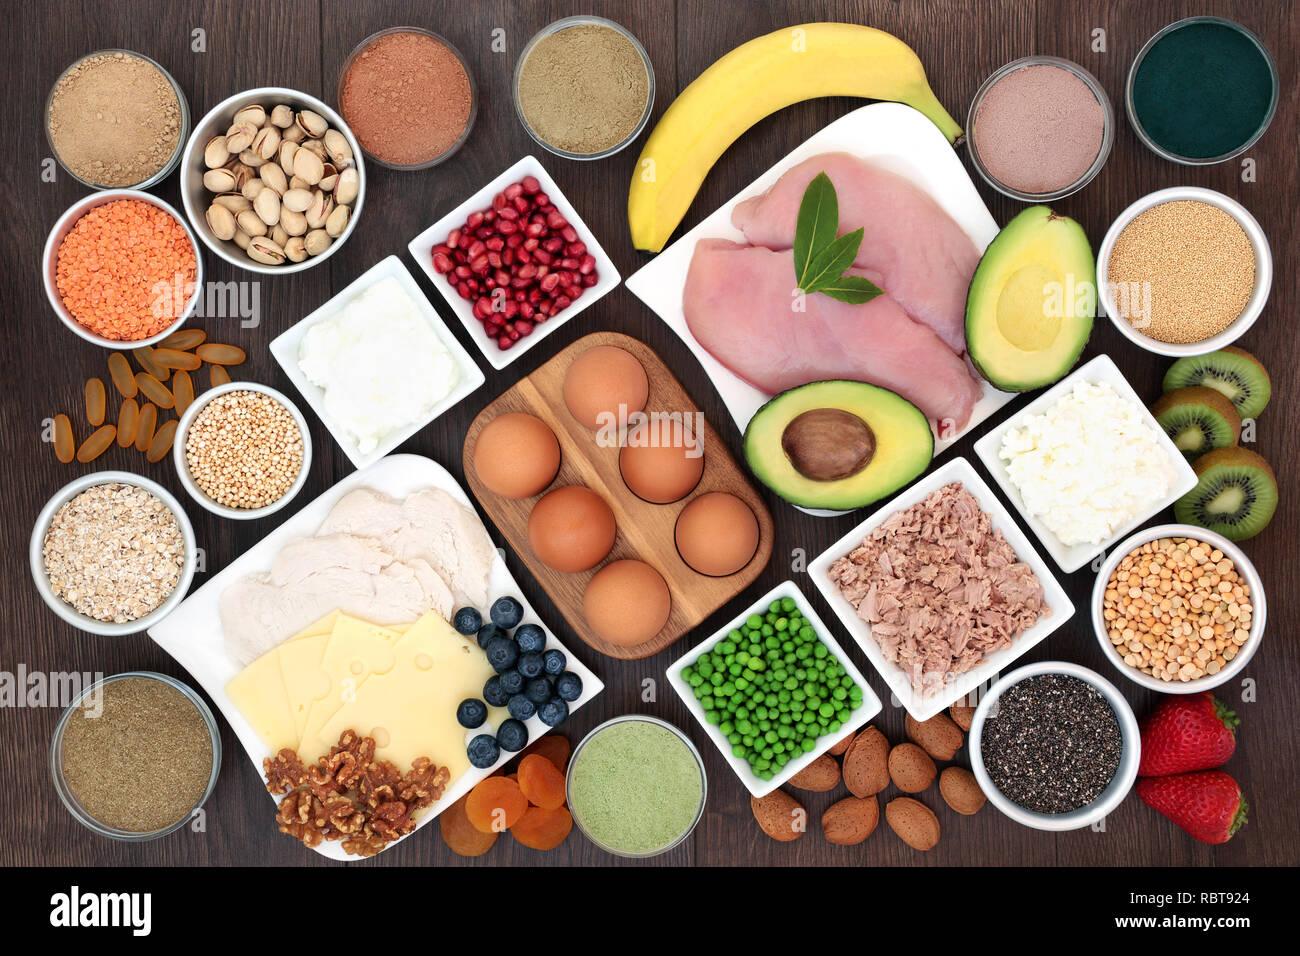 Alimentos saludables para los constructores del cuerpo con alta proteína,  productos lácteos, carne magra suplemento dietético en polvo, legumbres,  semillas, nueces, granos, cereales, frutas y verduras Fotografía de stock -  Alamy